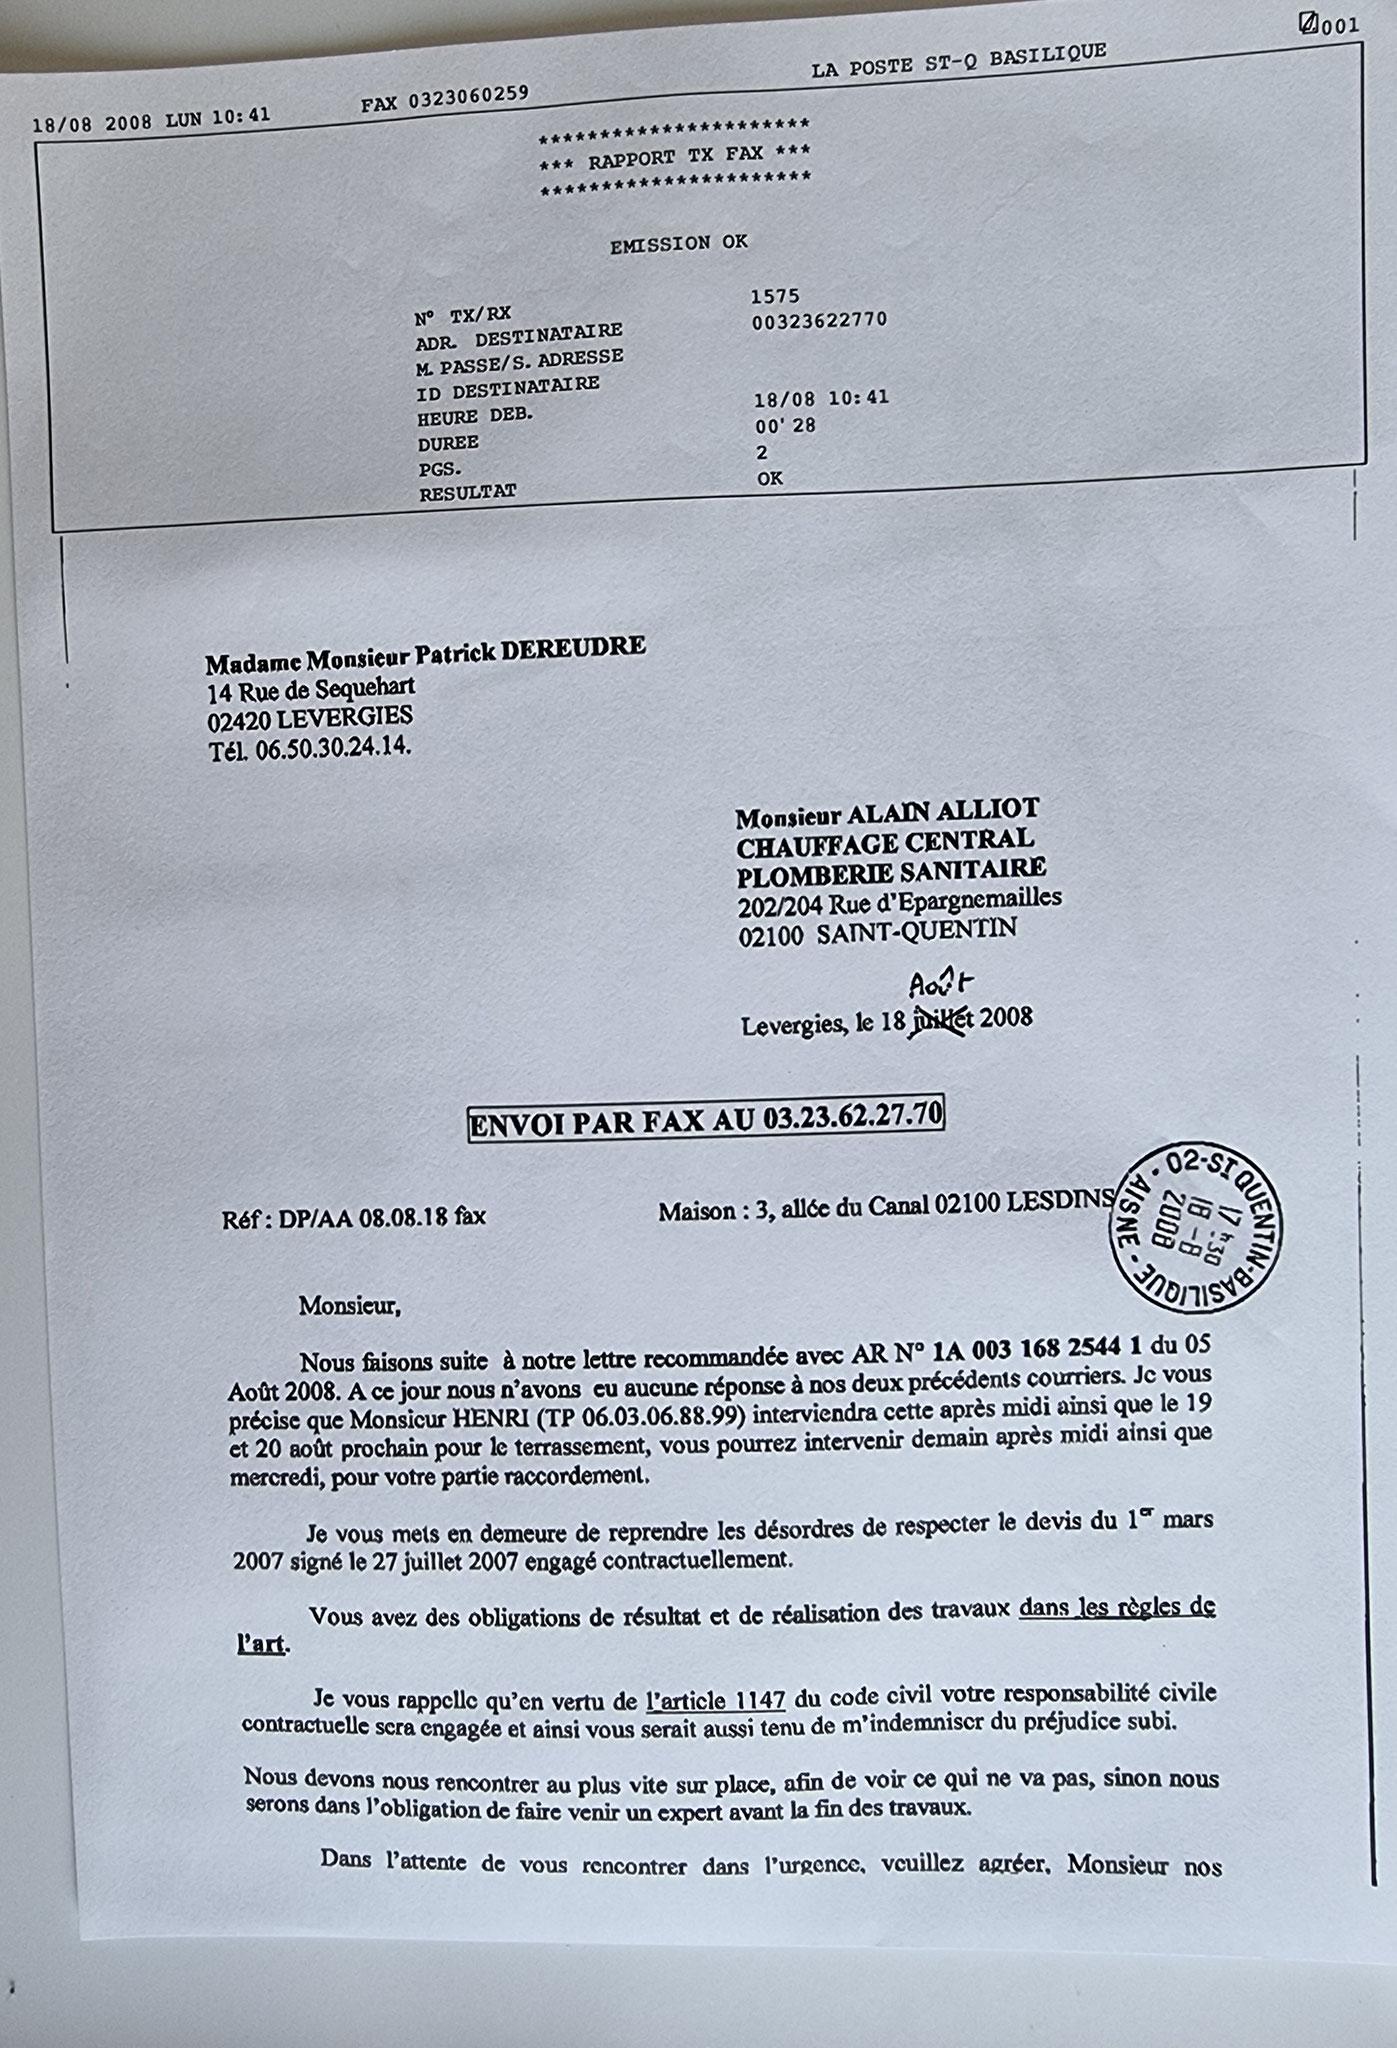 Le 18 Août 2008 j'adresse un Fax de la Poste à Monsieur Alain ALLIOT.     INACCEPTABLE  BORDERLINE      EXPERTISES JUDICIAIRES ENTRE COPAINS...  www.jesuispatrick.fr www.jesuisvictime.fr